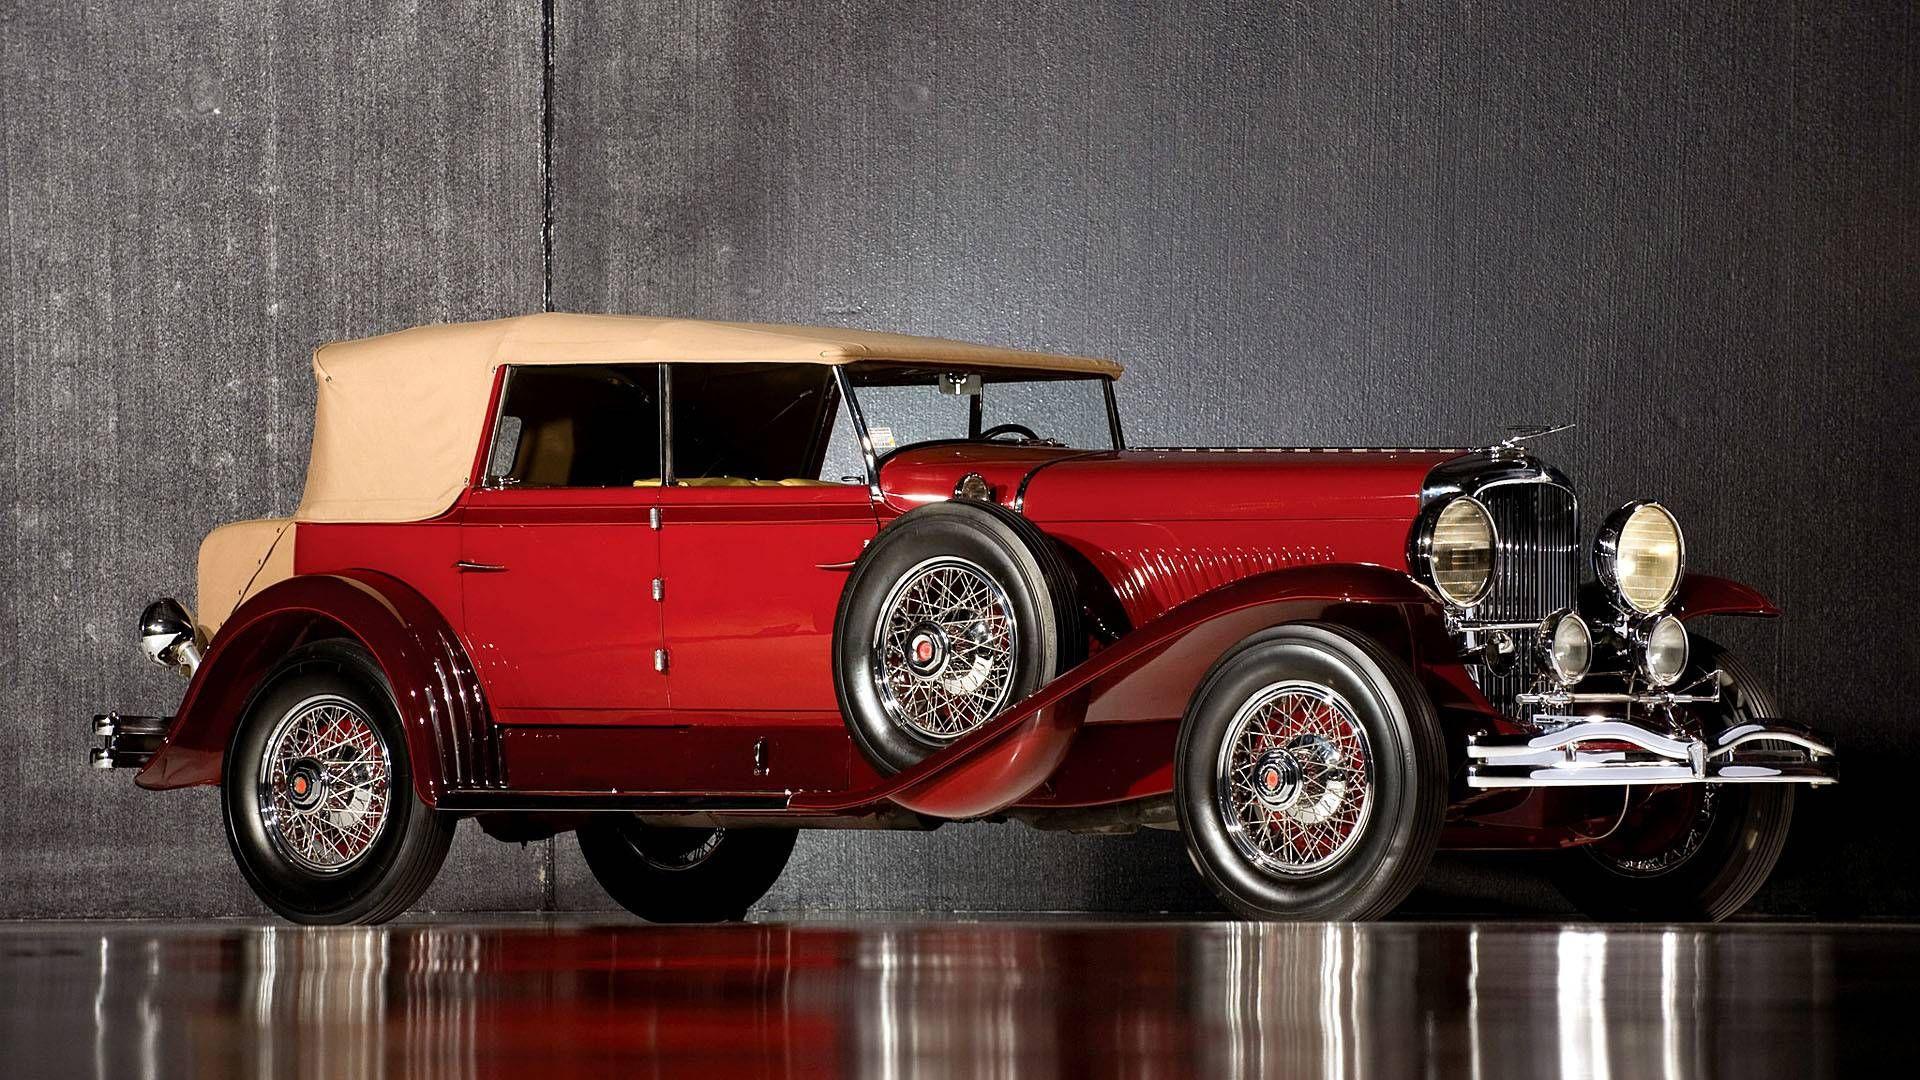 Vintage Cars Poisk V Google Vintage Cars Pinterest Cars